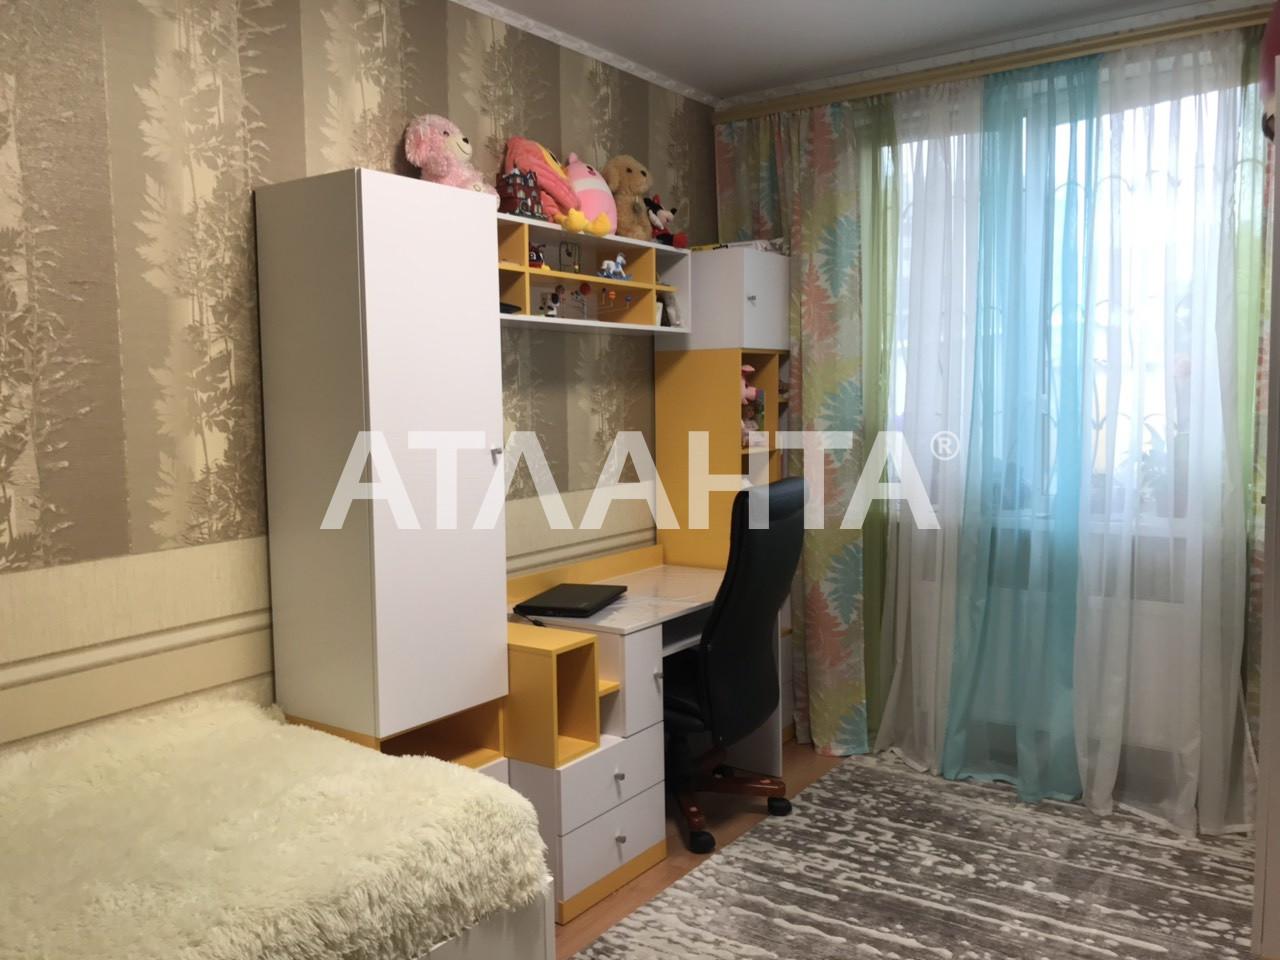 Продается 2-комнатная Квартира на ул. Проездная — 39 000 у.е. (фото №4)